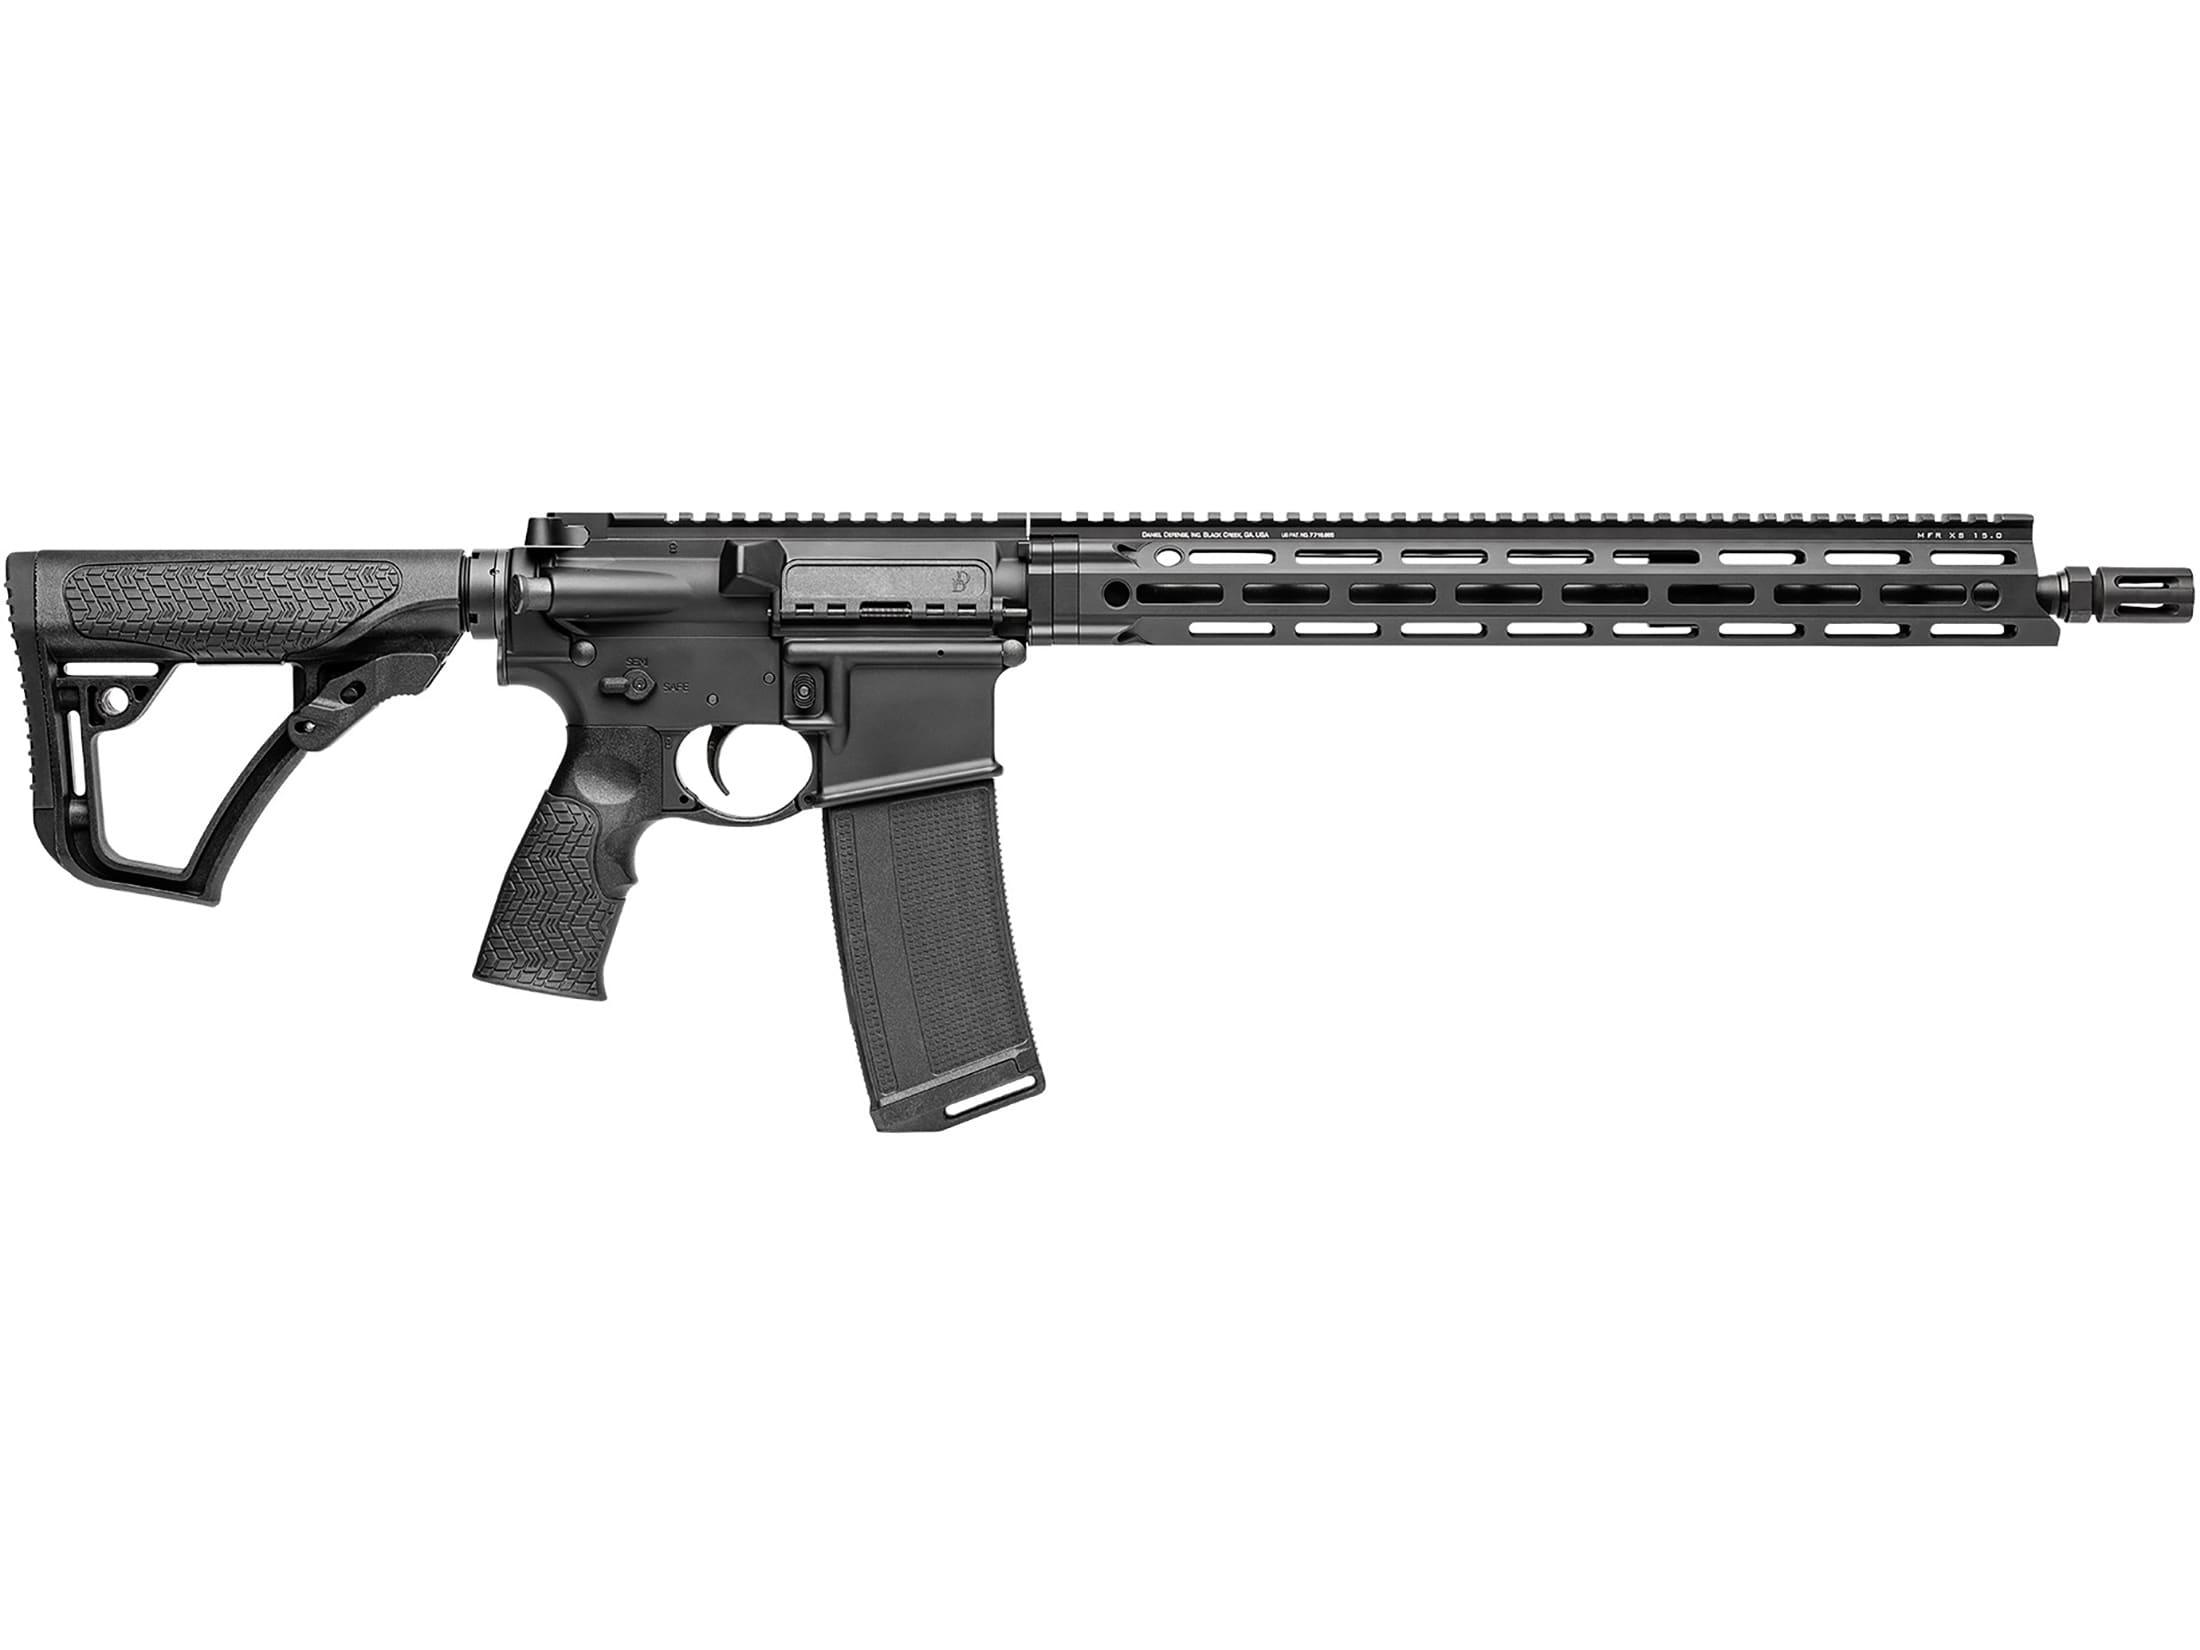 """Image of Daniel Defense DDM4v7 LW Carbine 5.56x45mm NATO 16"""" Barrel 32-Round M-LOK Polymer Black"""